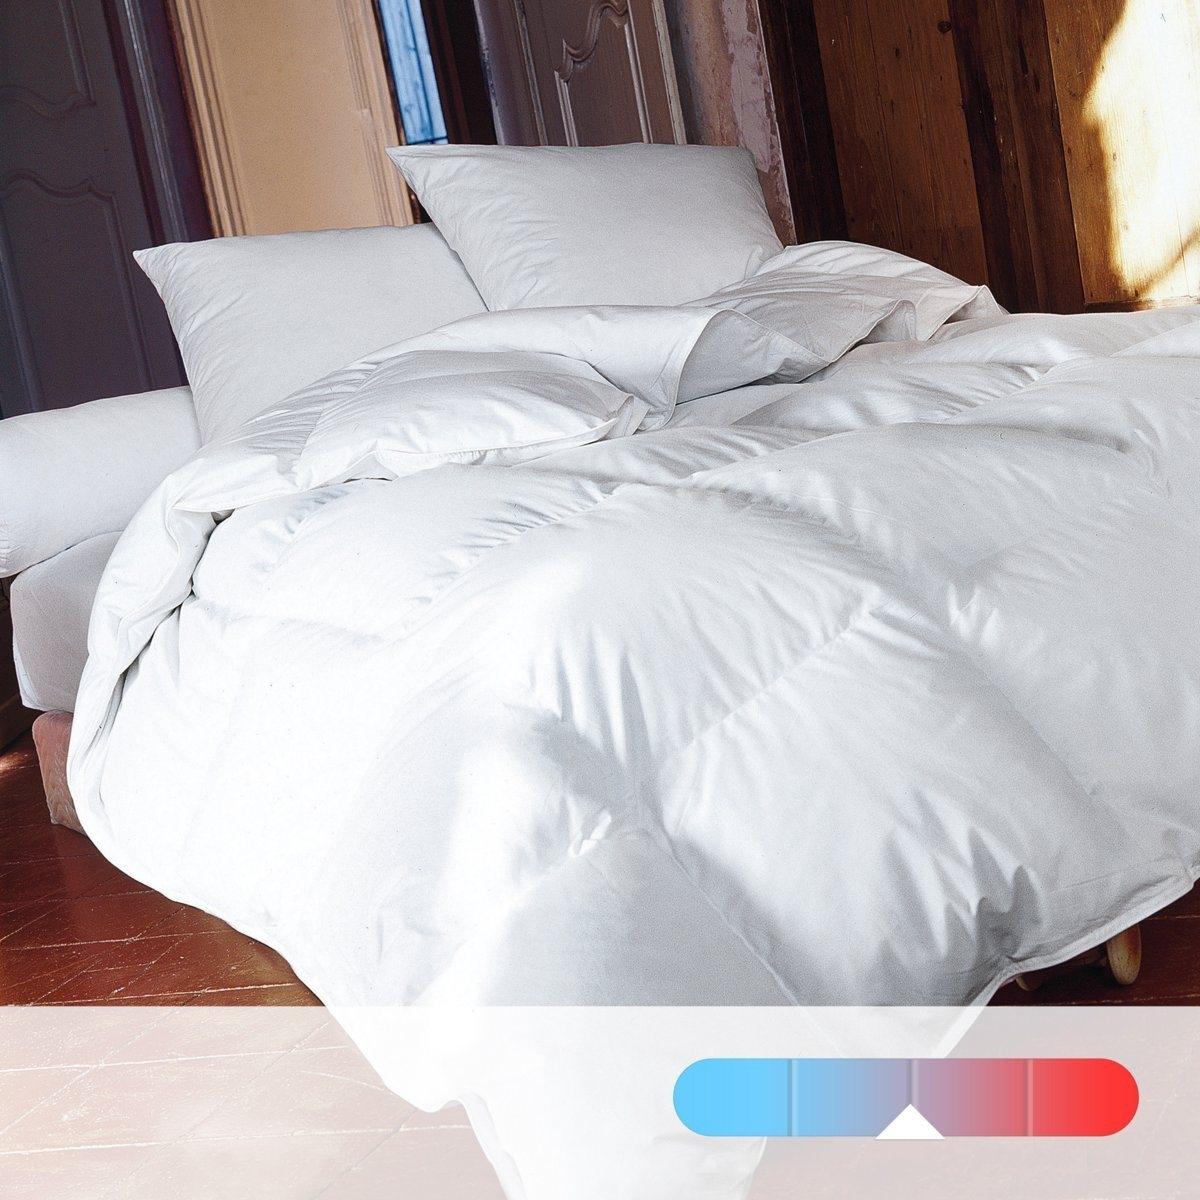 Одеяло натуральное для комфортного сна. Теплое, 50% пуха, 50% перьев.